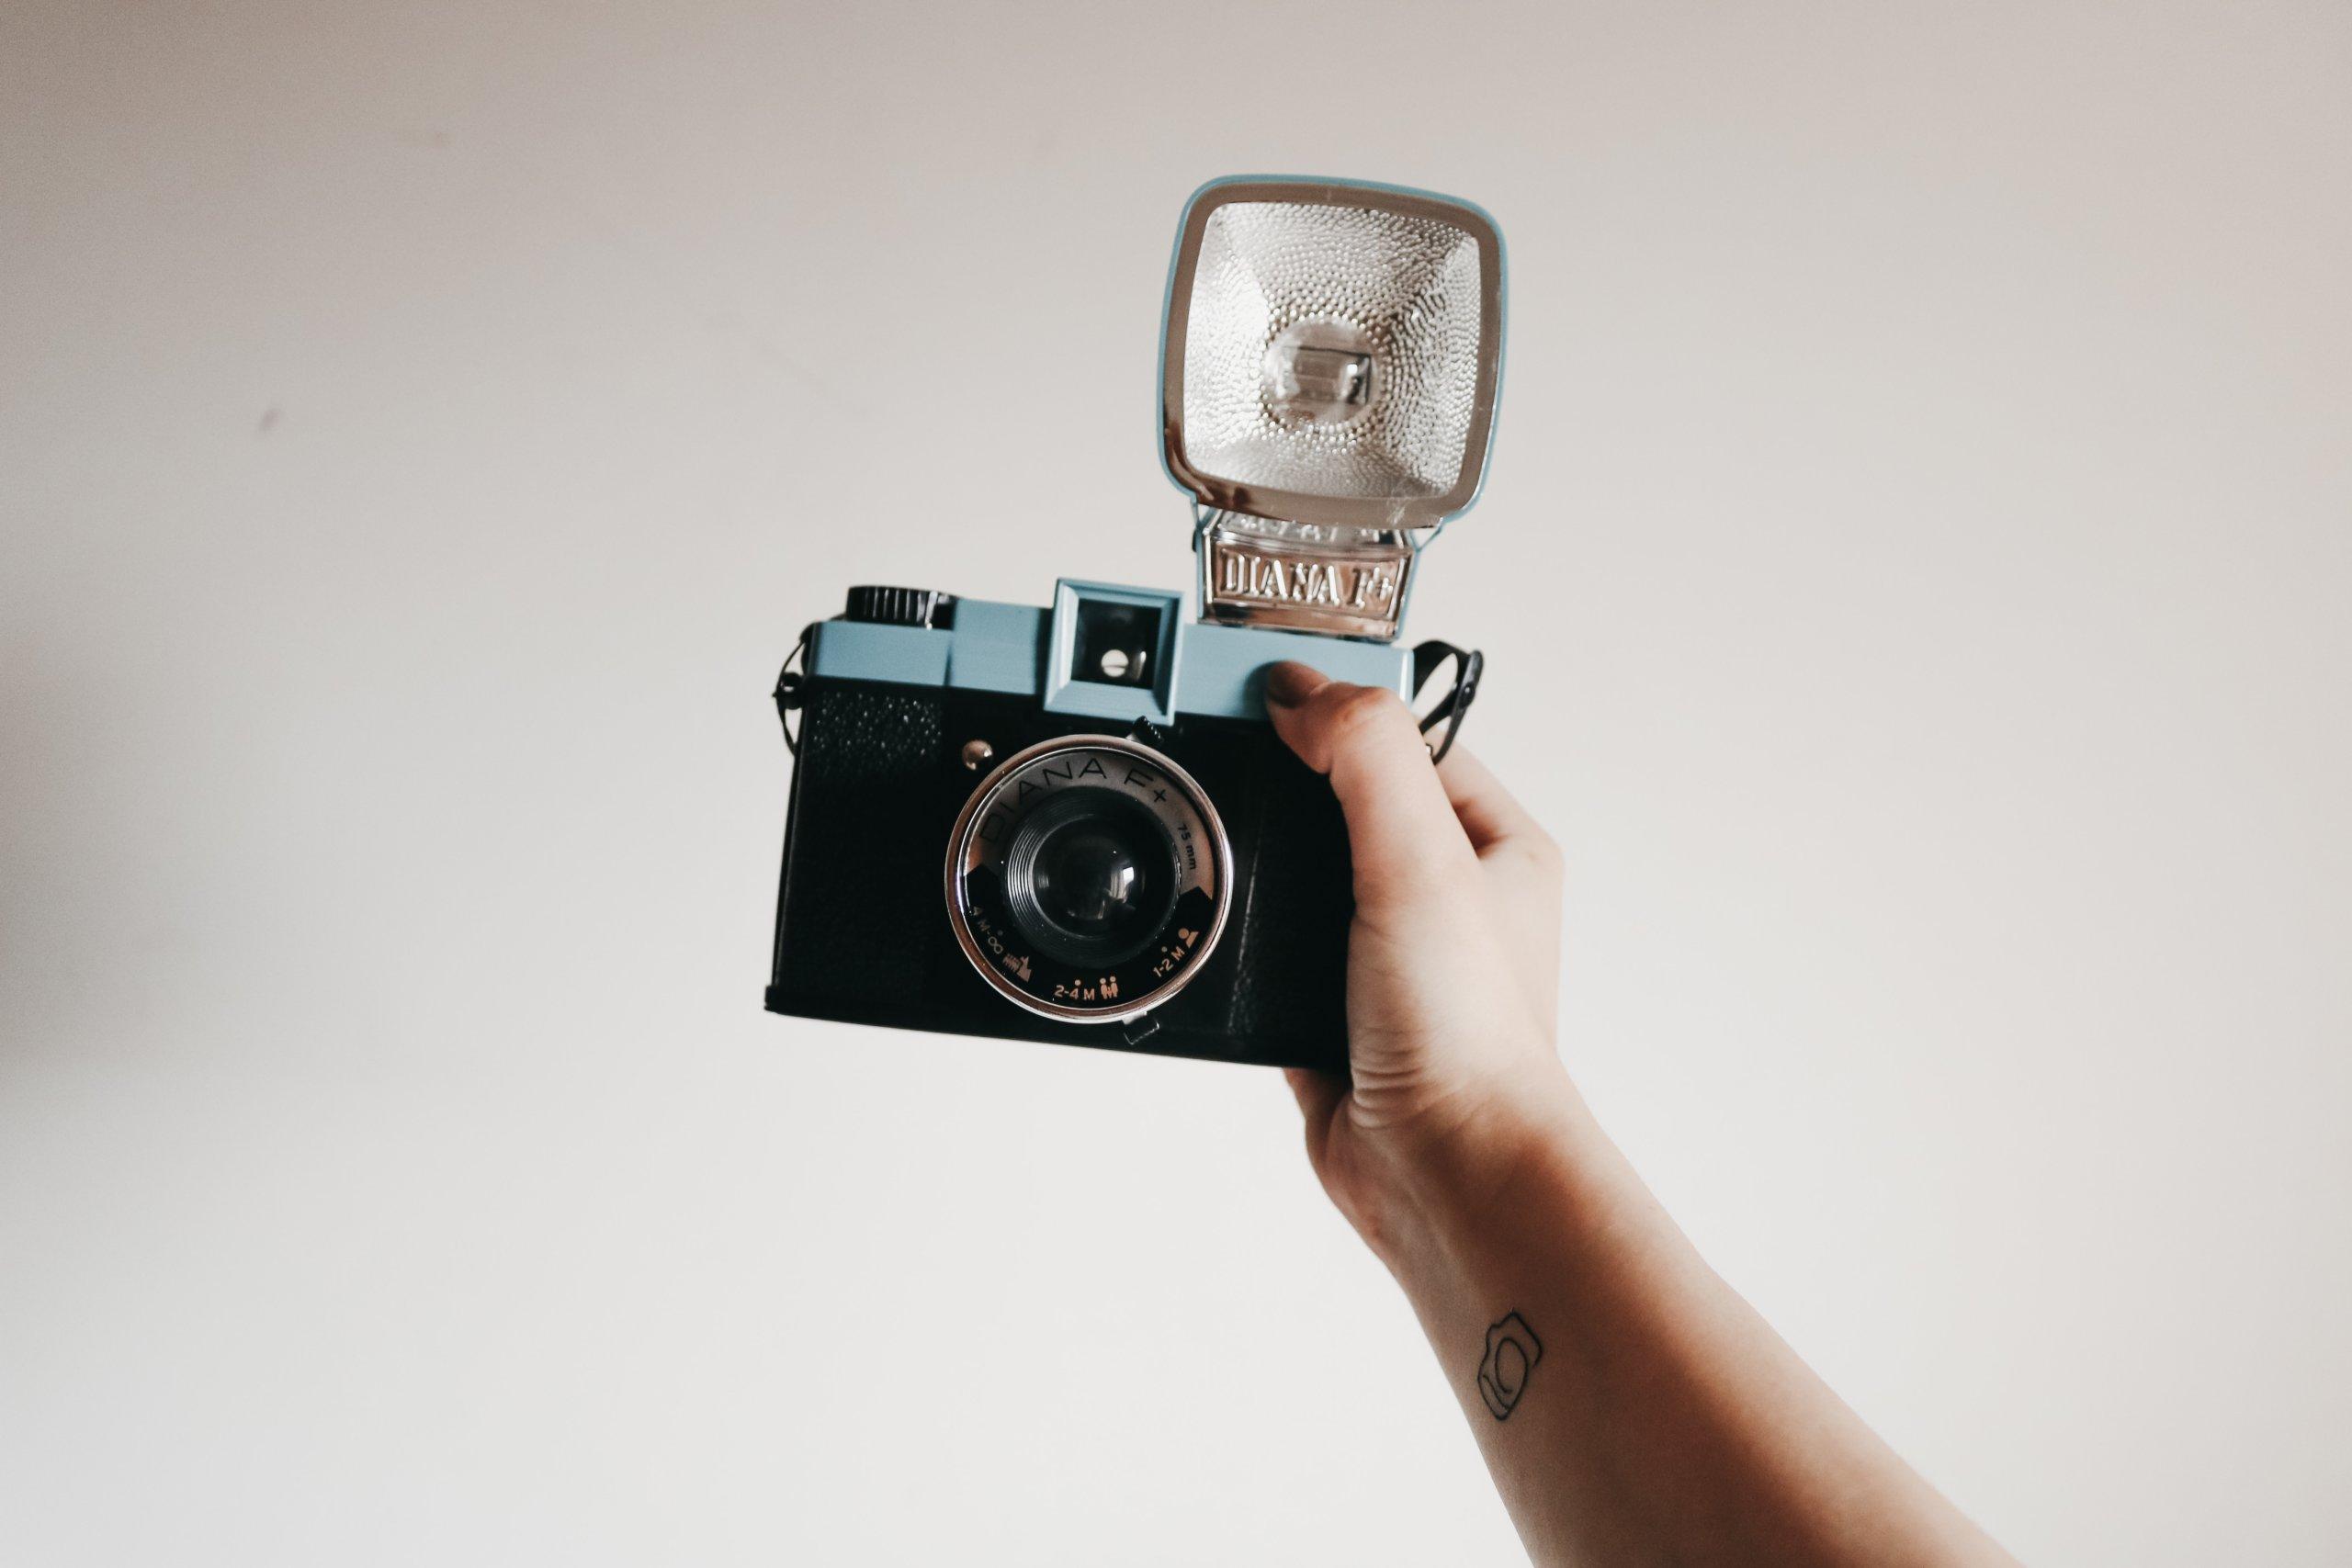 Kratka horor priča: Skrivena kamera s blicom